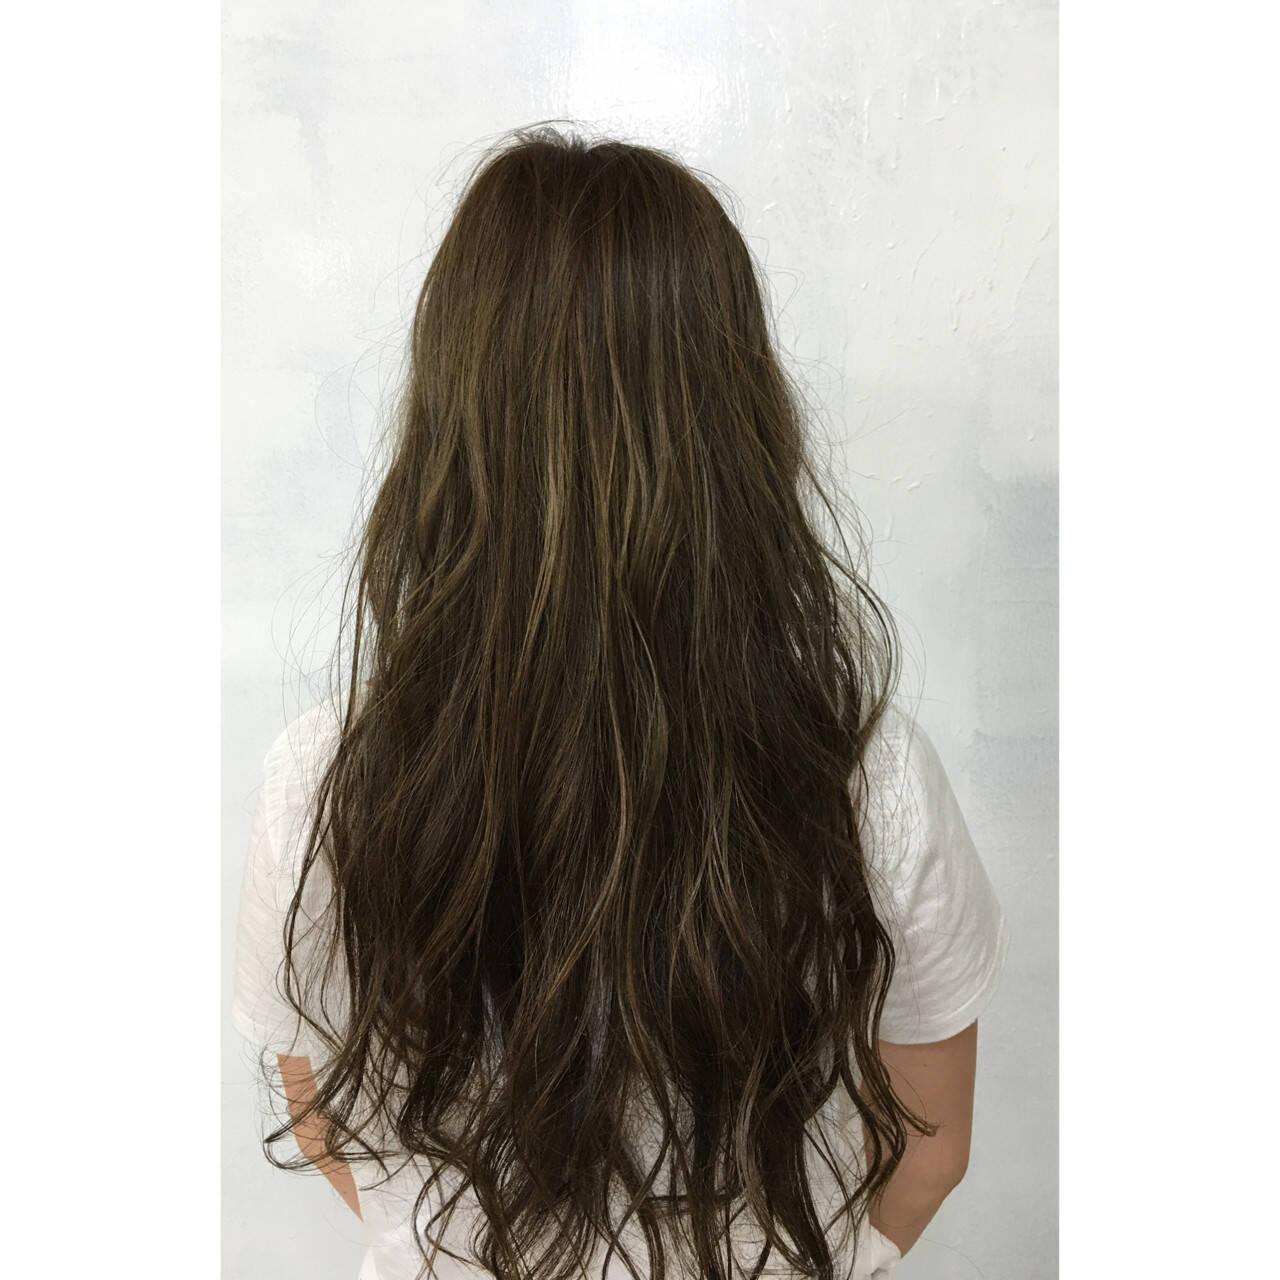 ゆるふわ ロング ハイライト ナチュラルヘアスタイルや髪型の写真・画像